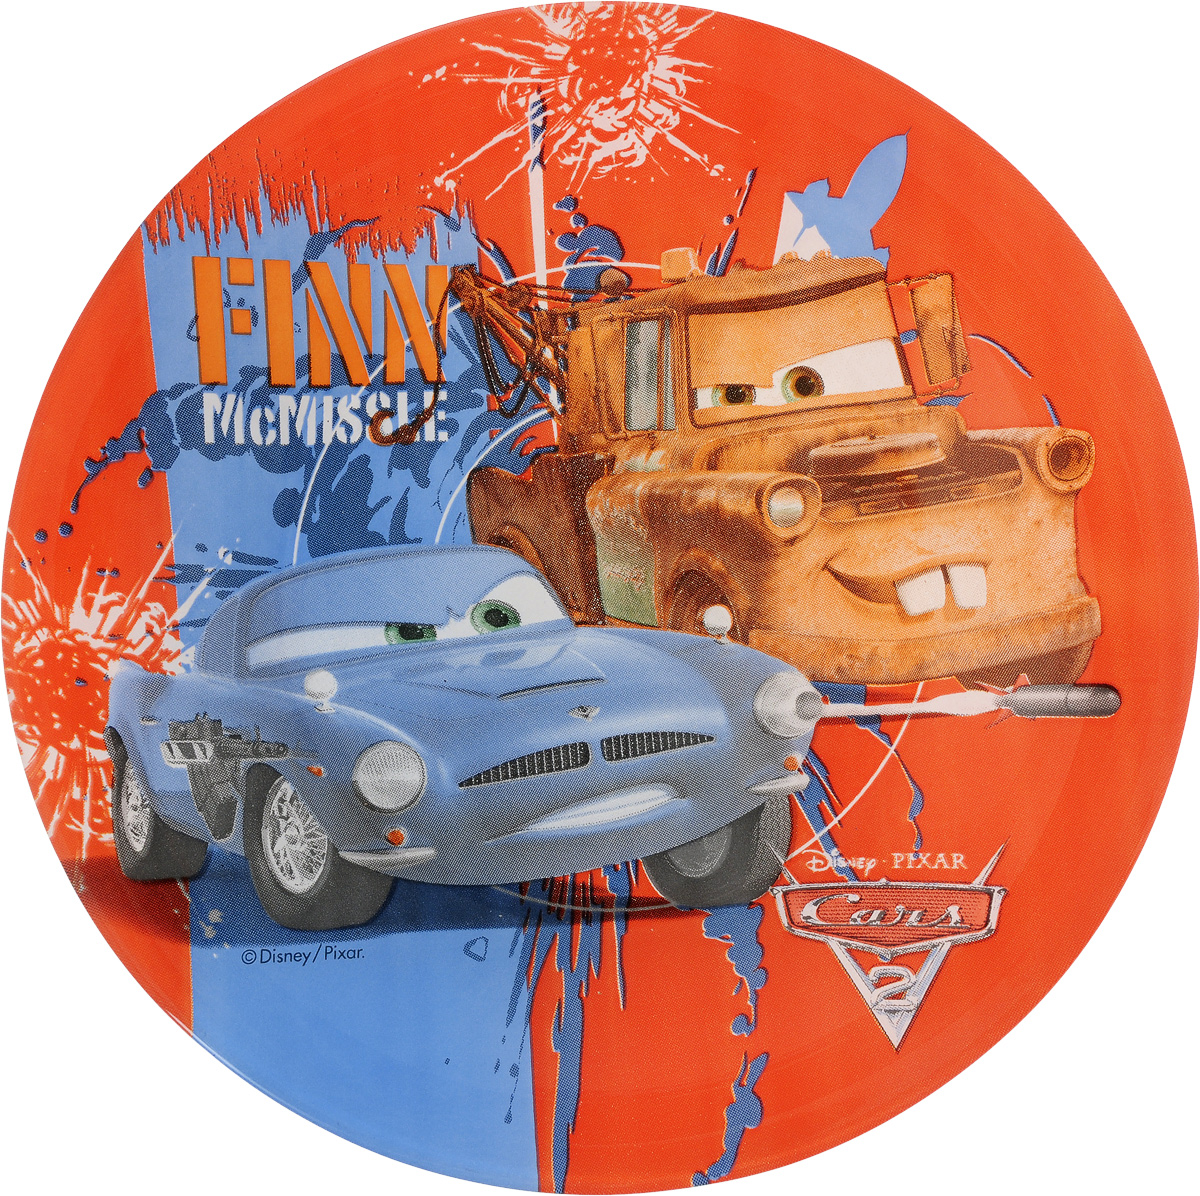 Тарелка десертная Luminarc Disney Cars 2, диаметр 19,5 см54 009312Десертная тарелка Luminarc Disney Cars 2, изготовленная из ударопрочного стекла, имеет приятный внешний вид. Такая тарелка обязательно понравится вашему ребенку. Идеальна для подачи десертов, пирожных, тортов и многого другого. Она прекрасно оформит стол и станет отличным дополнением к вашей коллекции кухонной посуды. Диаметр тарелки (по верхнему краю): 19,5 см. Высота тарелки: 1,5 см.